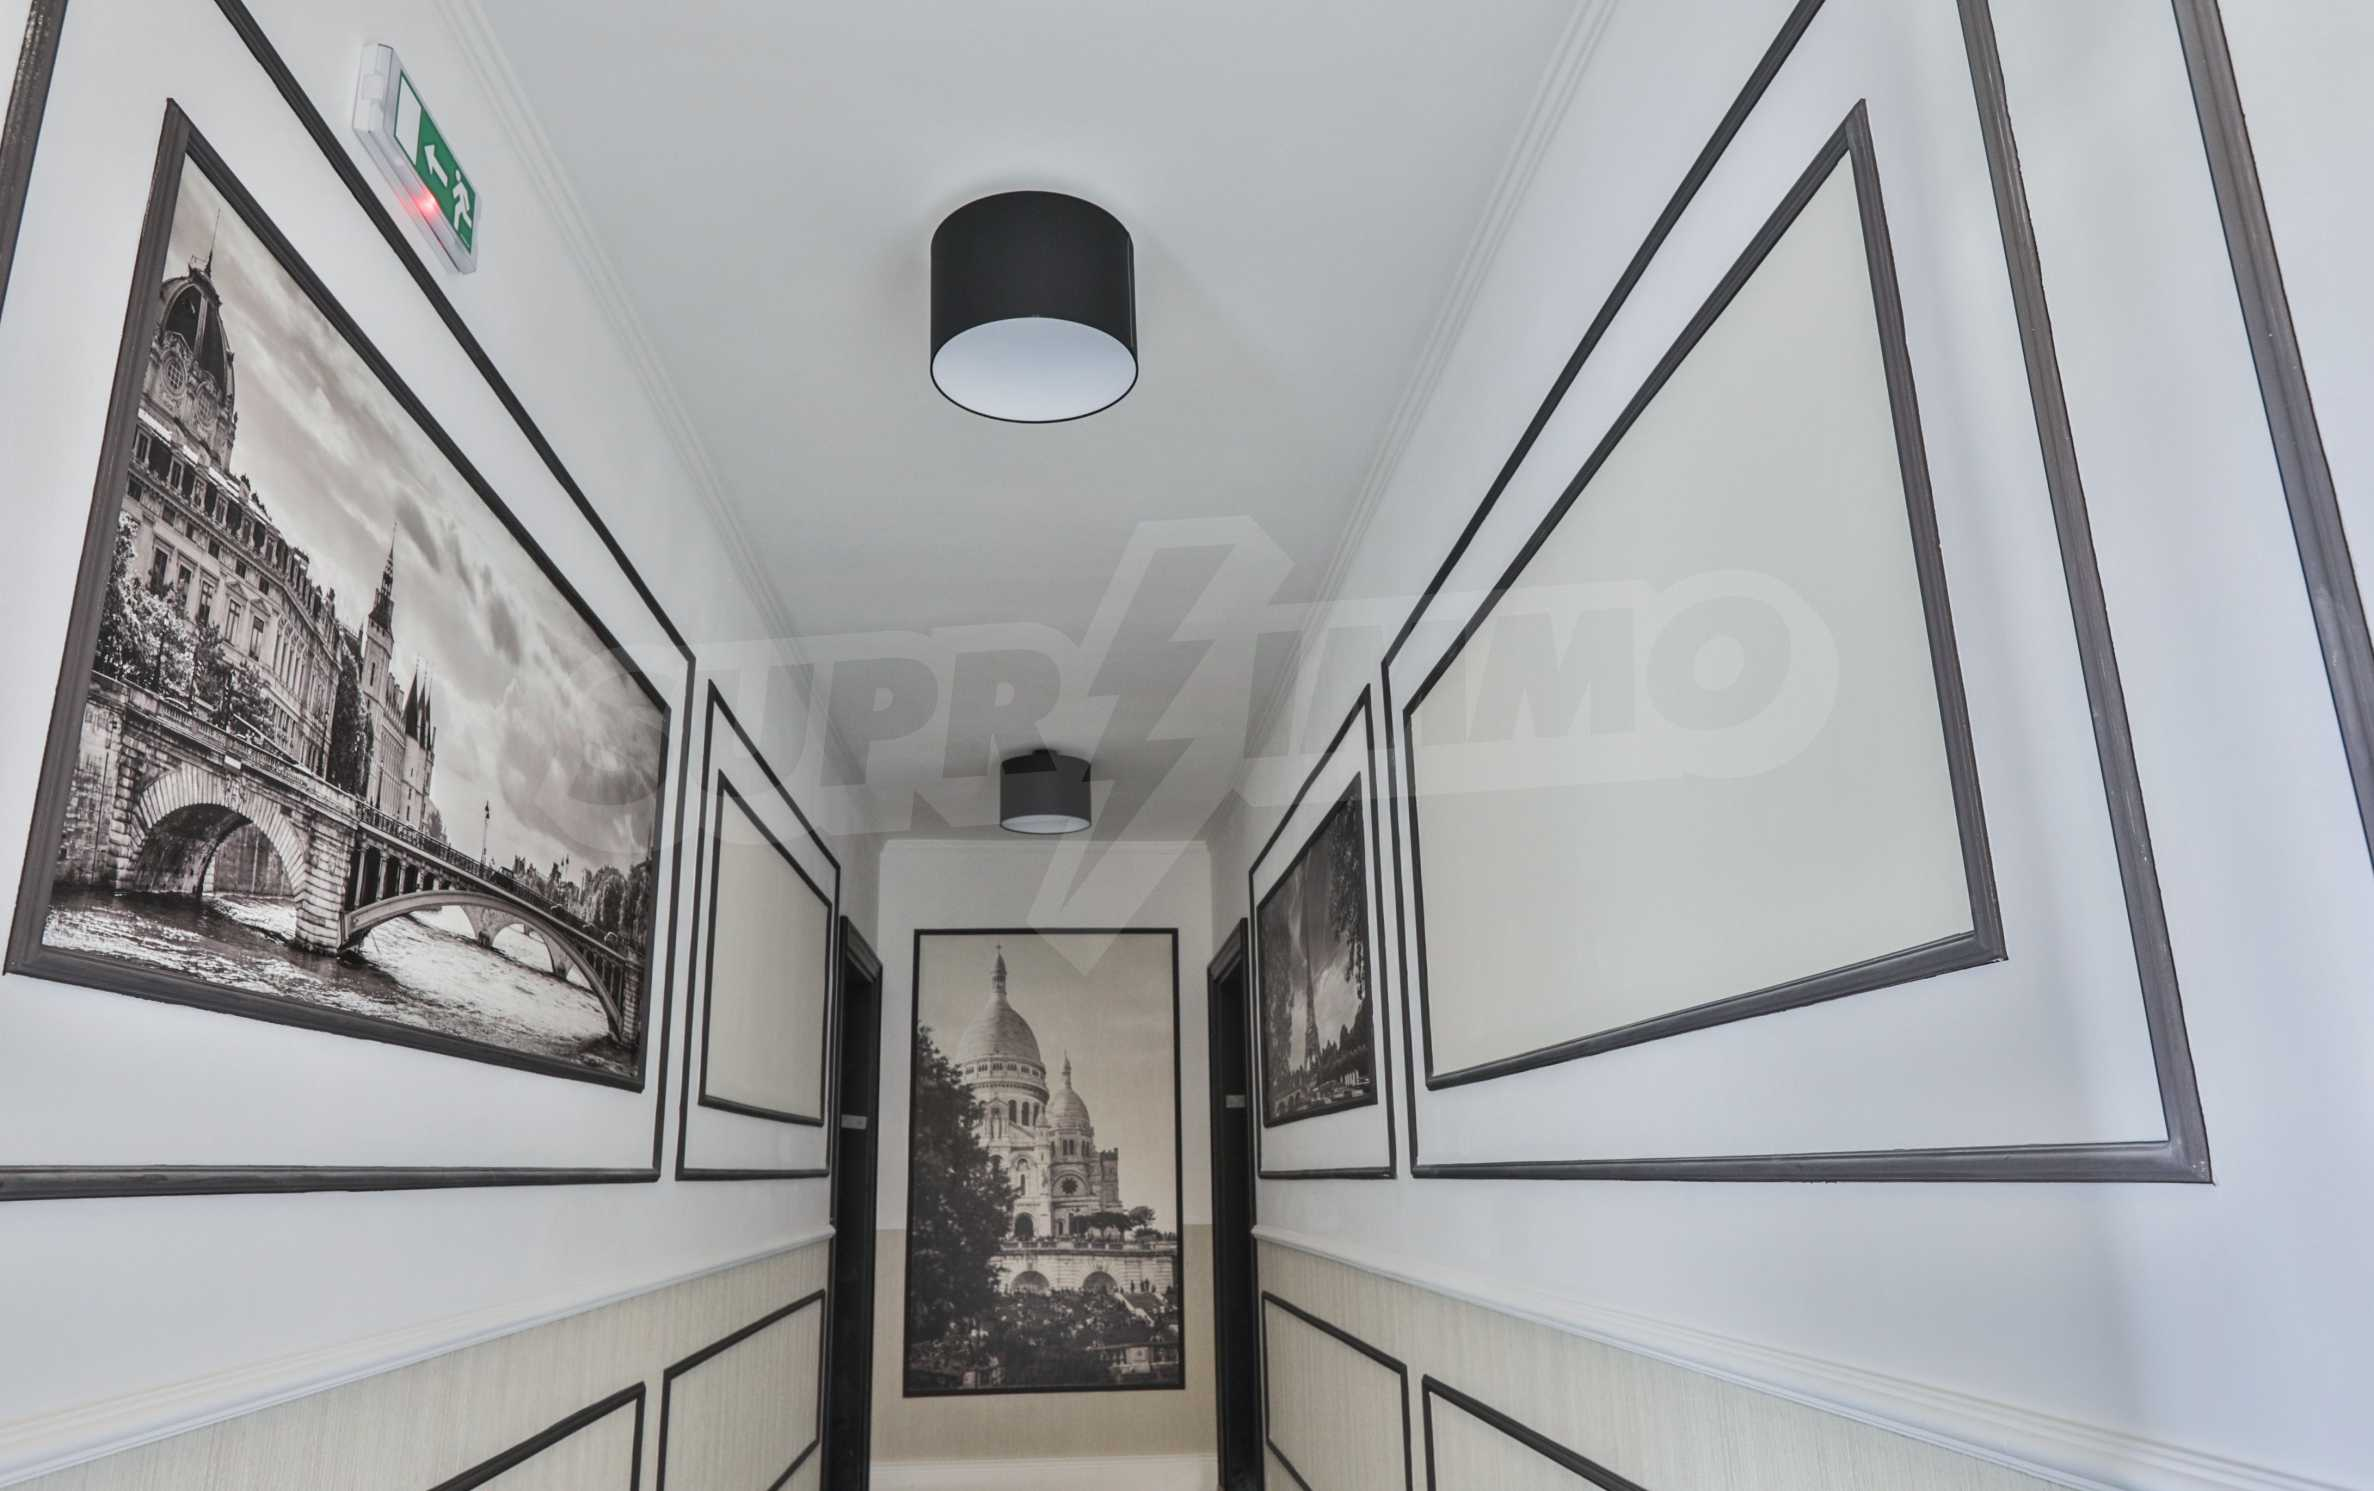 Erstklassige Apartments  zum TOP-Preis ab 890 €/m² im Komplex im Stil der französischen Renaissance (Akt 16) 8